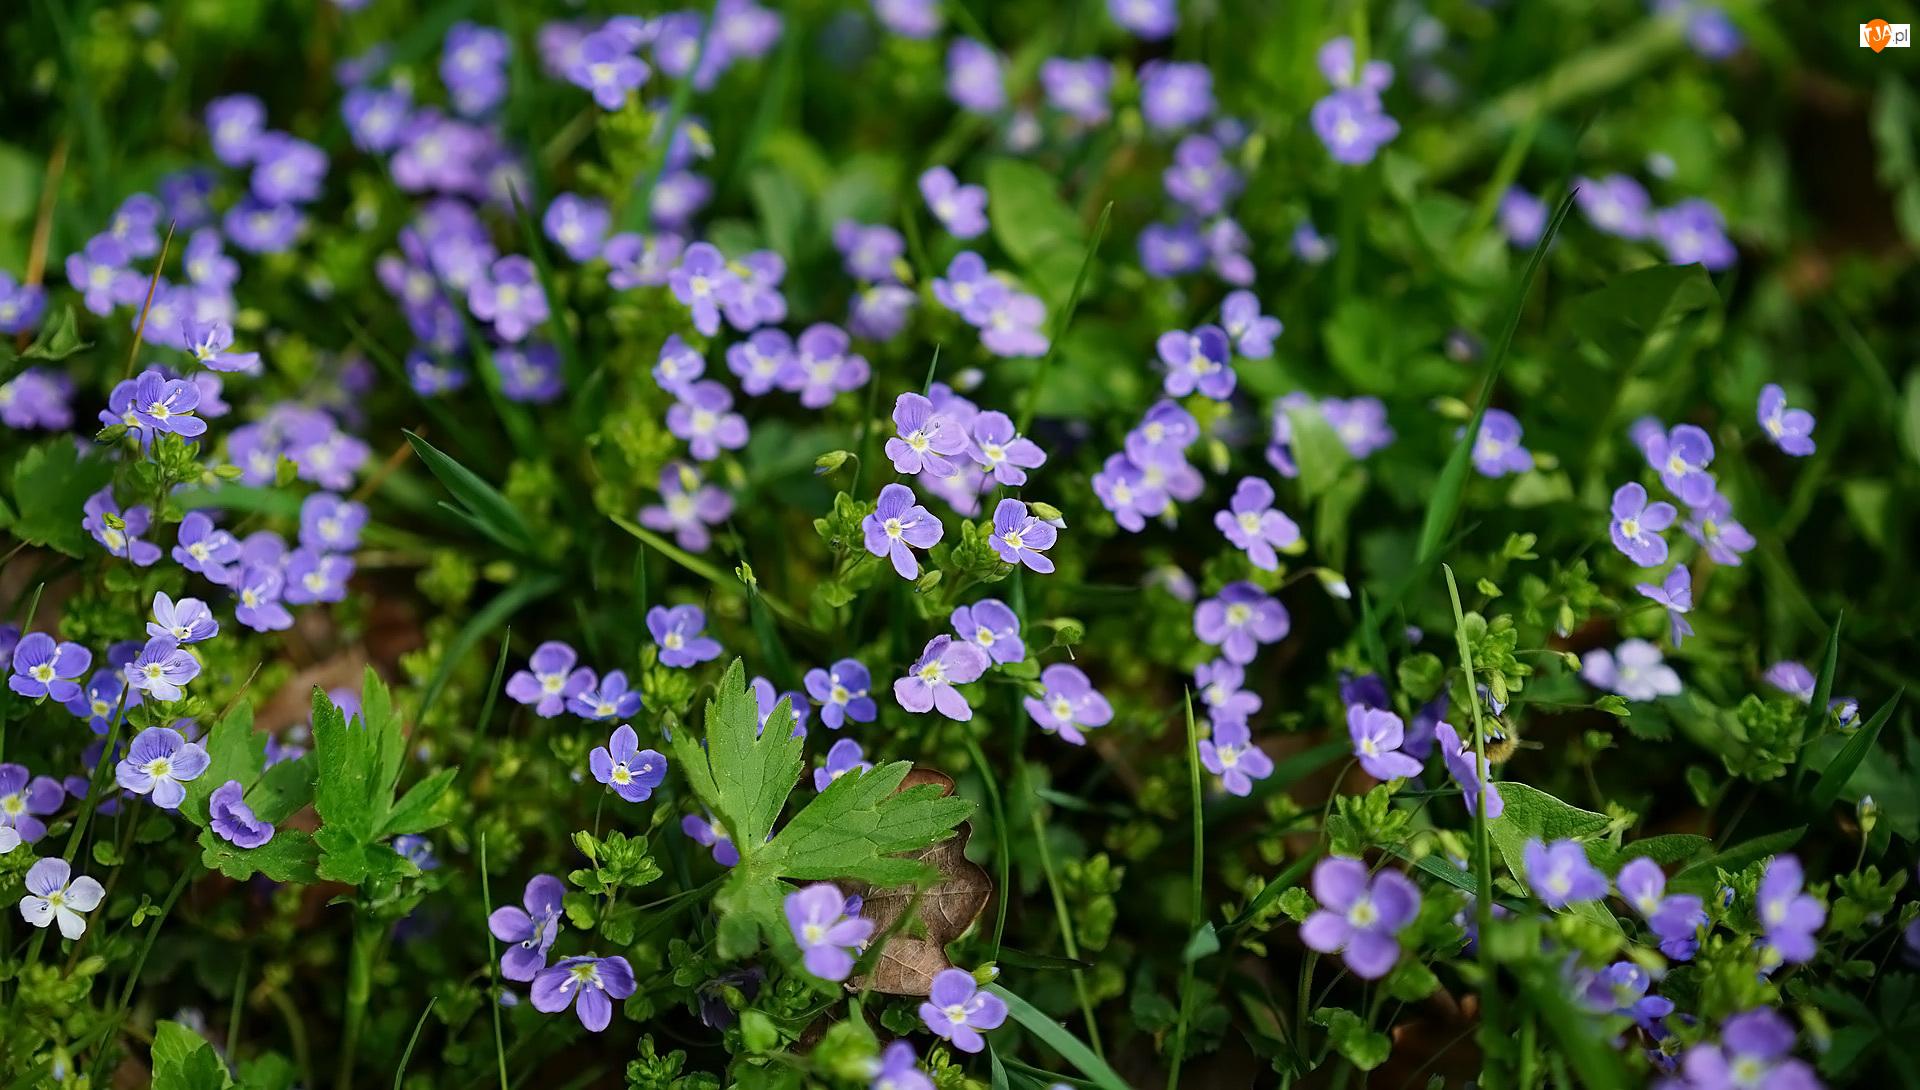 Liście, Kwiaty, Niebieskie, Przetacznik